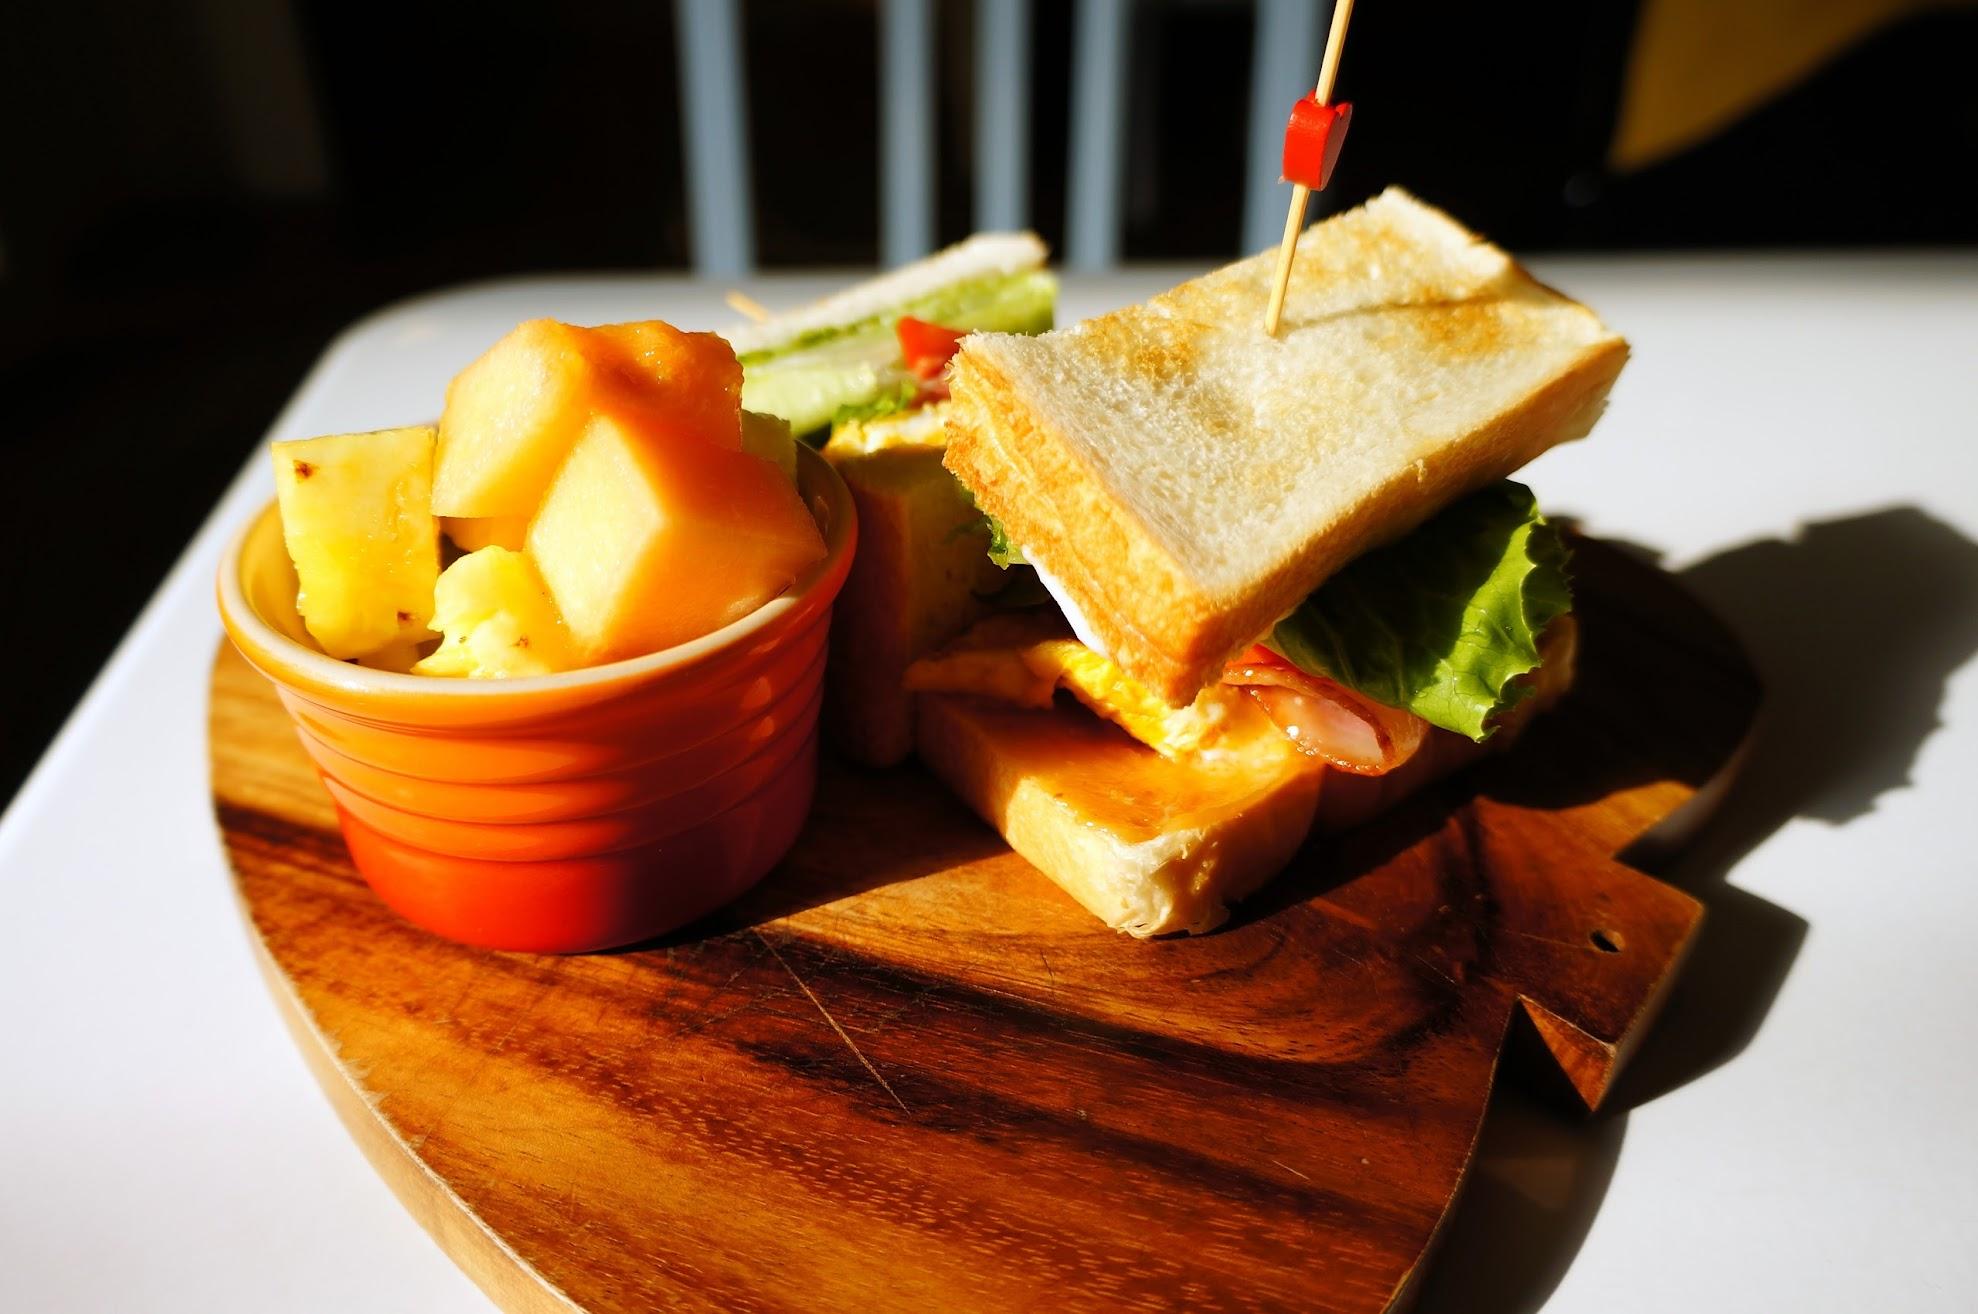 培根厚蛋三明治!! 一小盤水果+生菜,主餐則是二塊麵包中間夾著厚蛋培根再對切